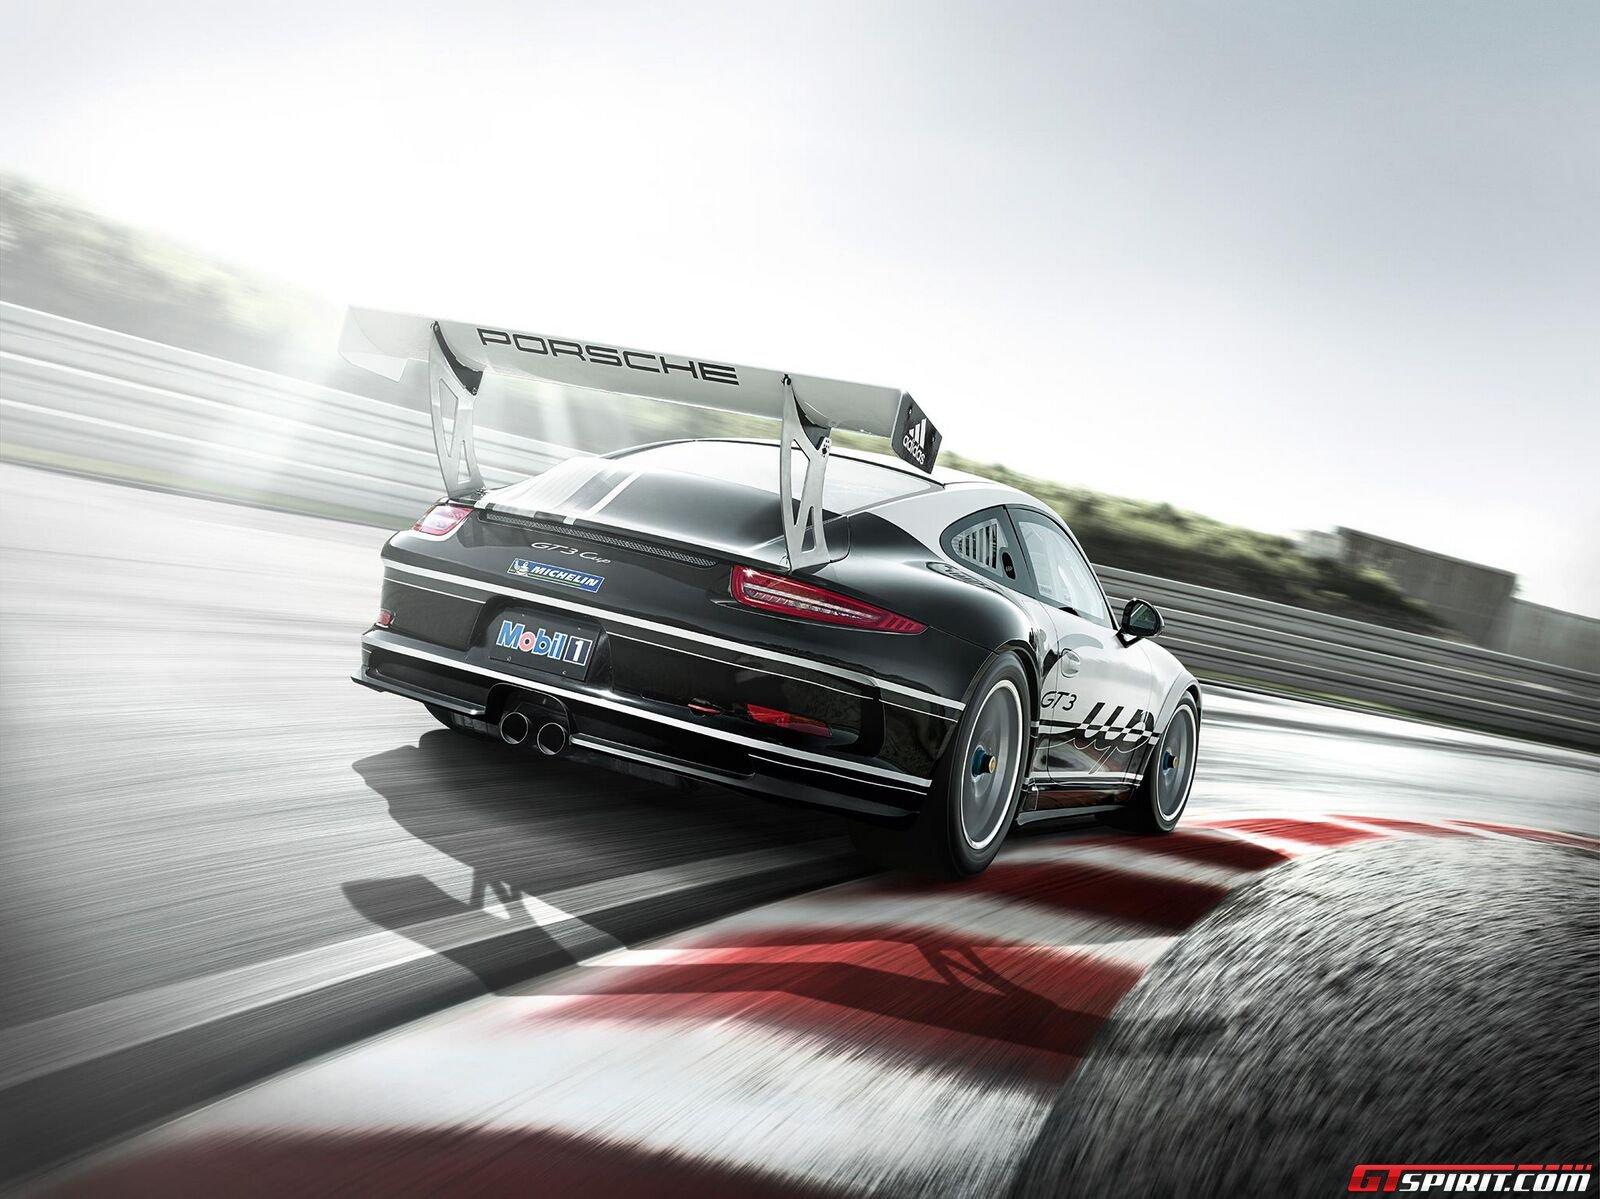 2013 Porsche 911 GT3 Cup - Part 2 Photo 9